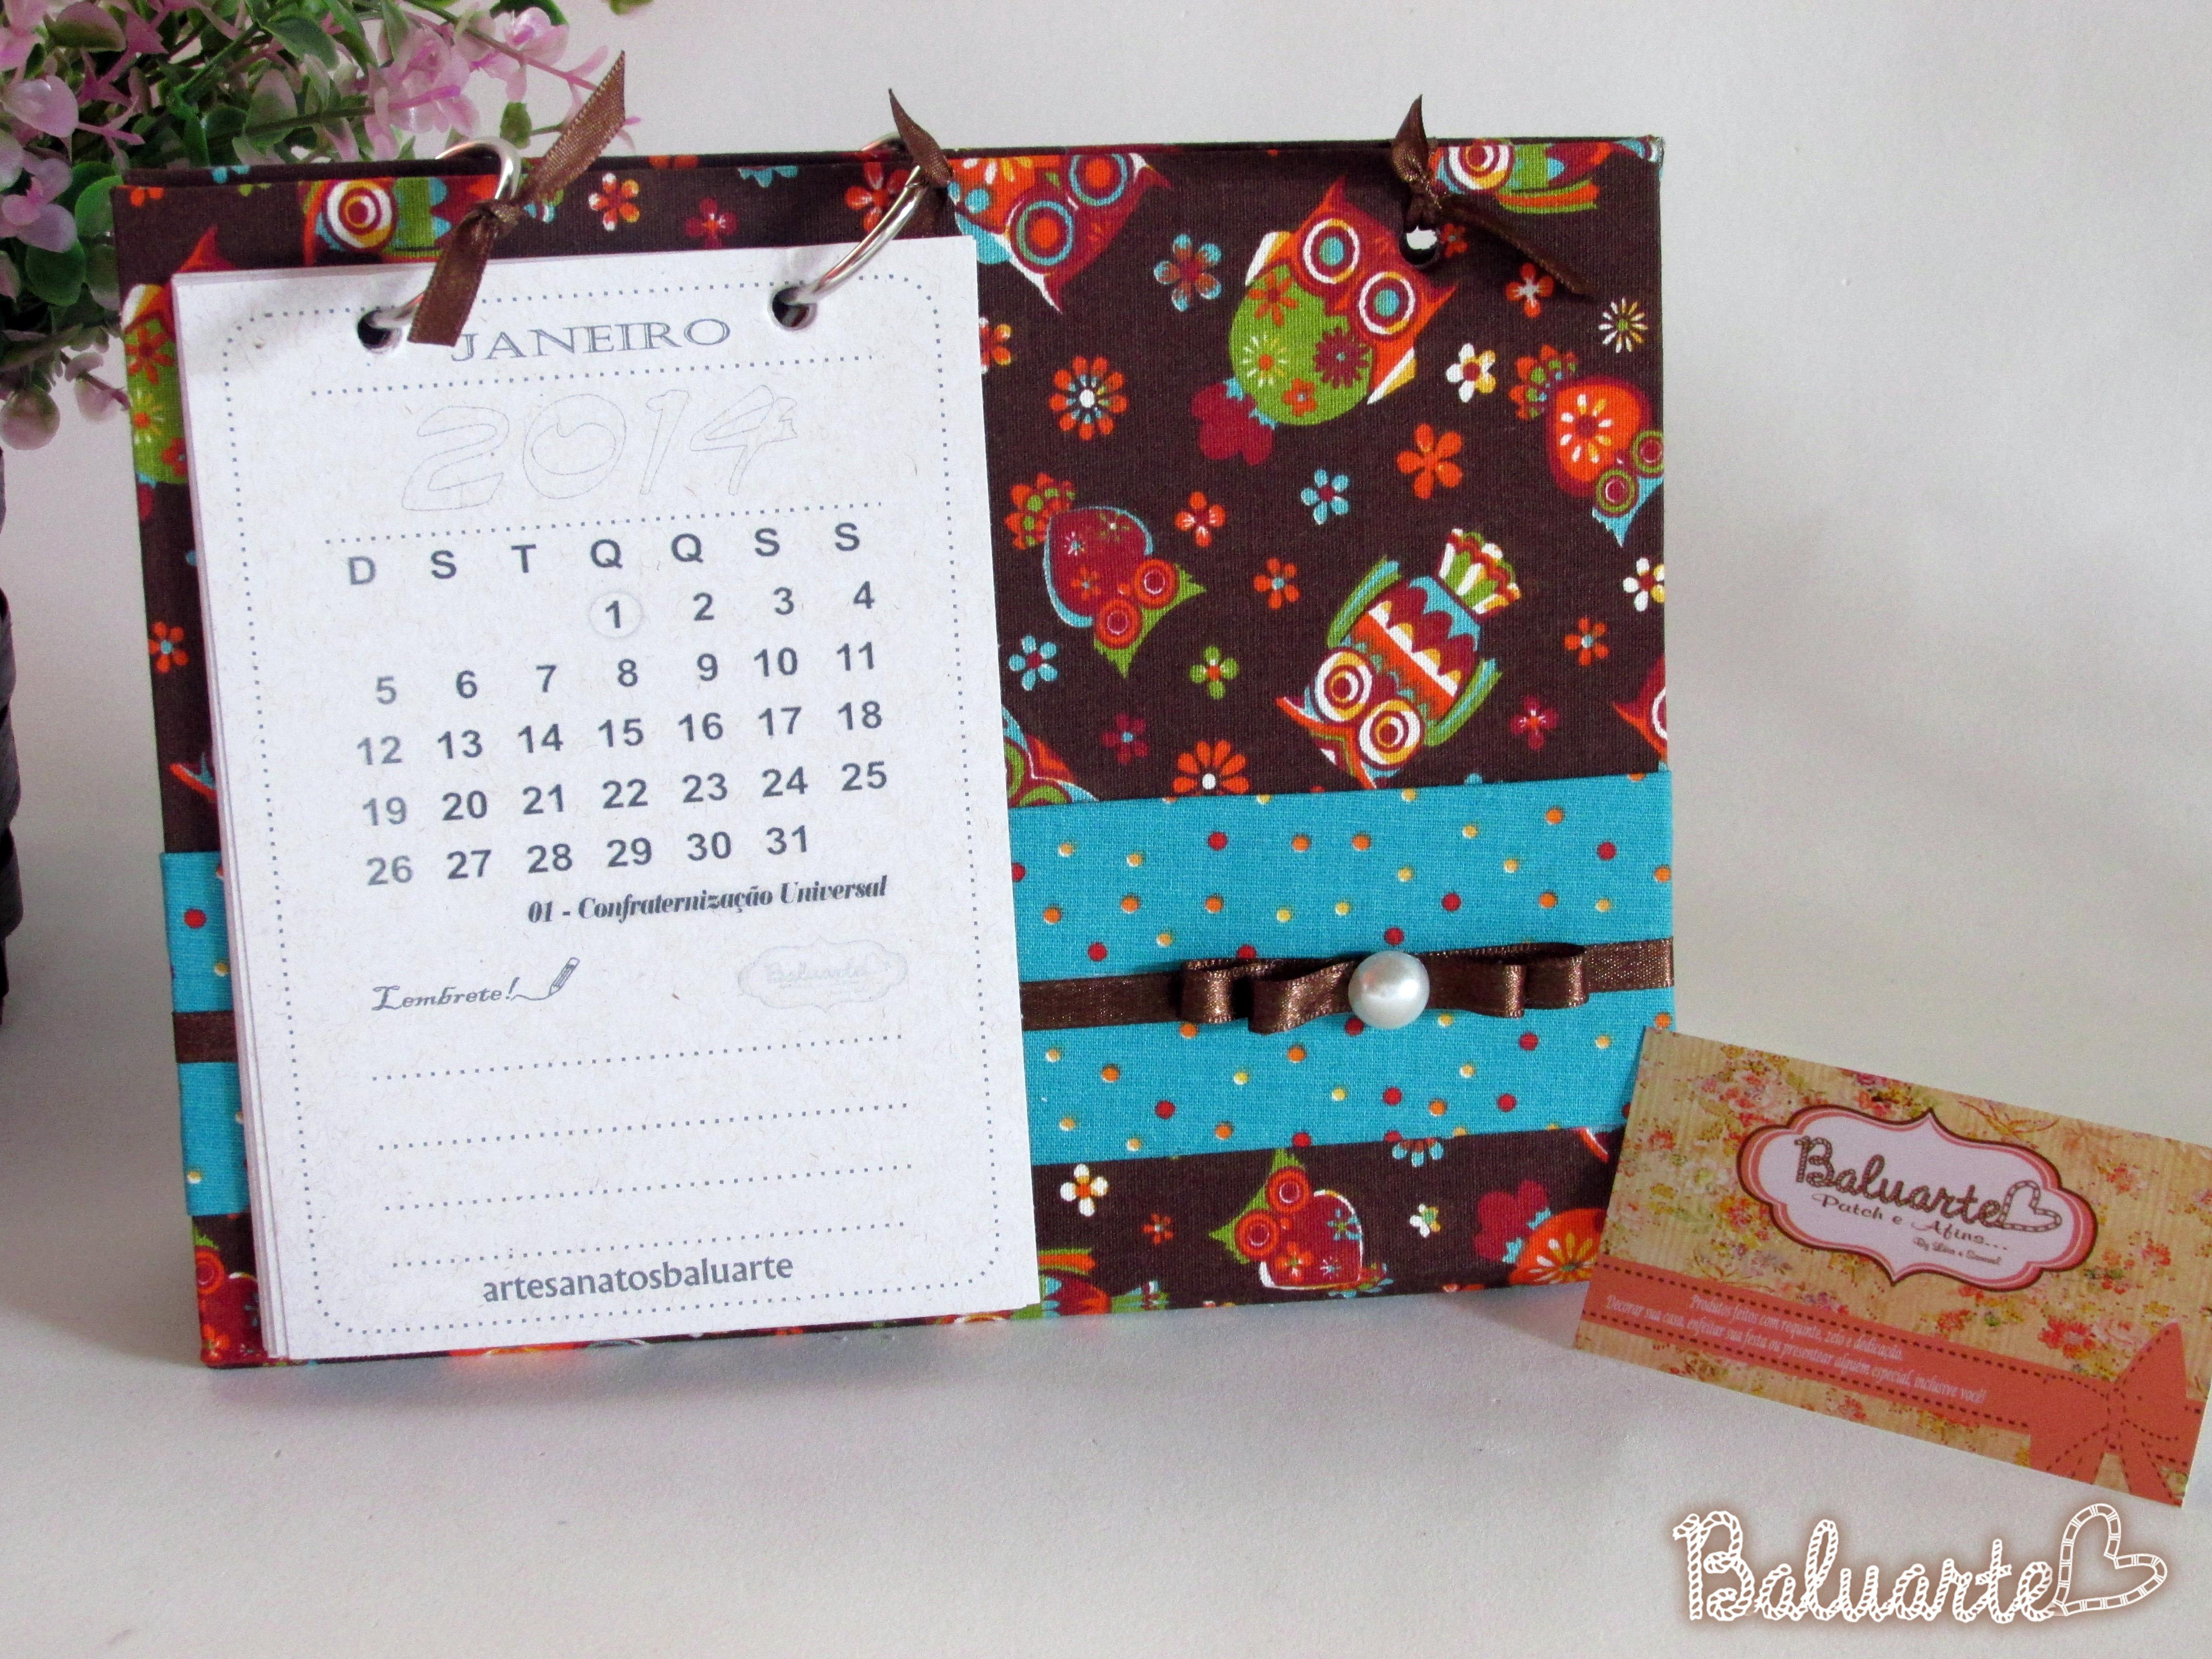 Calend rio de mesa g baluarte patchwork e afins elo7 - Calendario de mesa ...